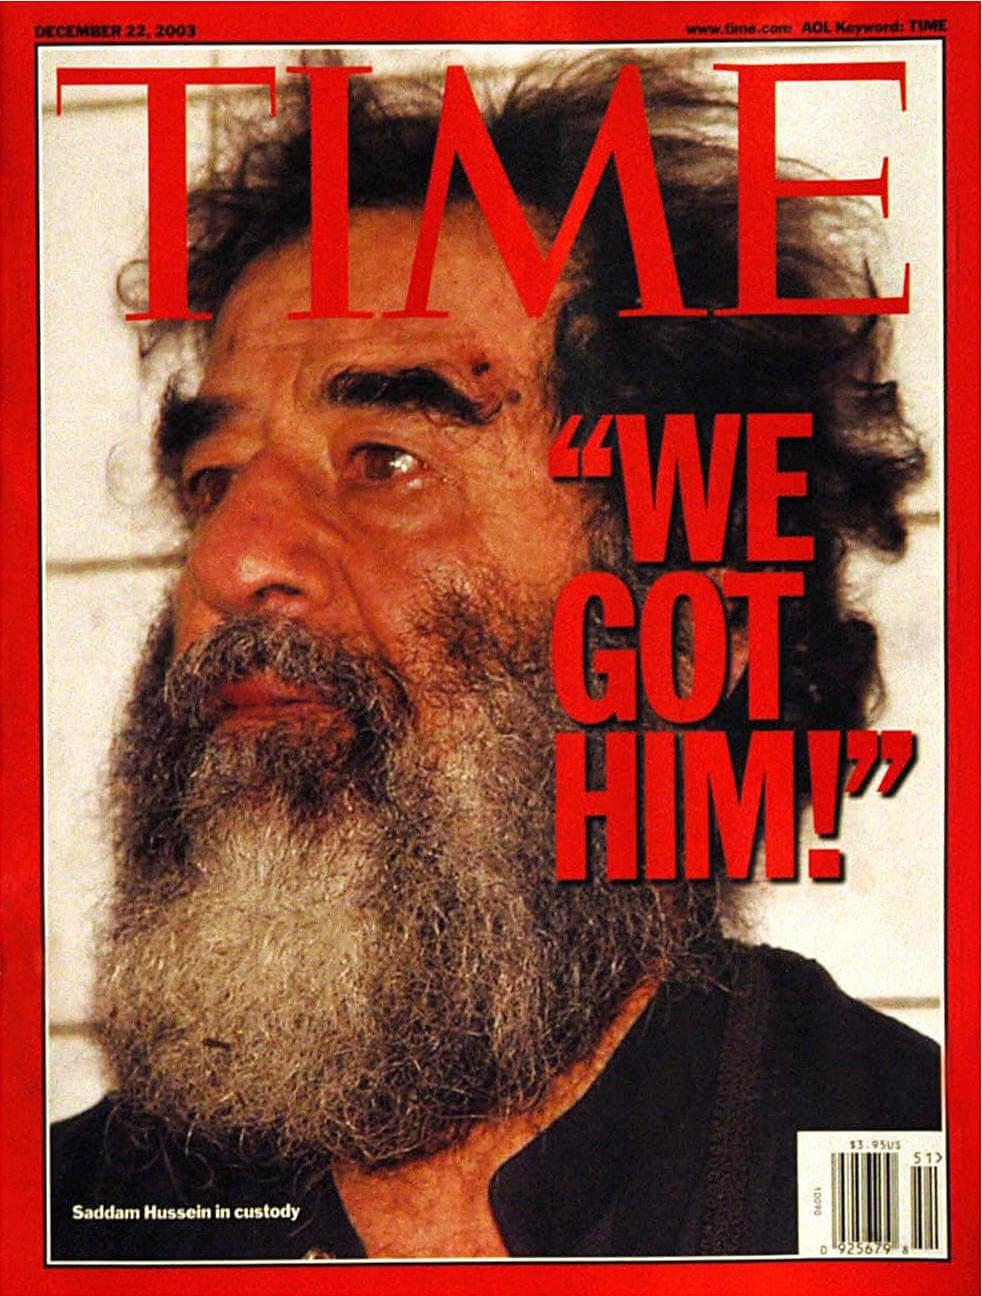 «Τον τσακώσαμε!» Τον ίδιο μήνα, ένας αγνώριστος Σαντάμ Χουσεΐν με γένια και βρόμικα ρούχα πέφτει στα χέρια των Αμερικανών και κυριαρχεί στο πρωτοσέλιδο του περιοδικού